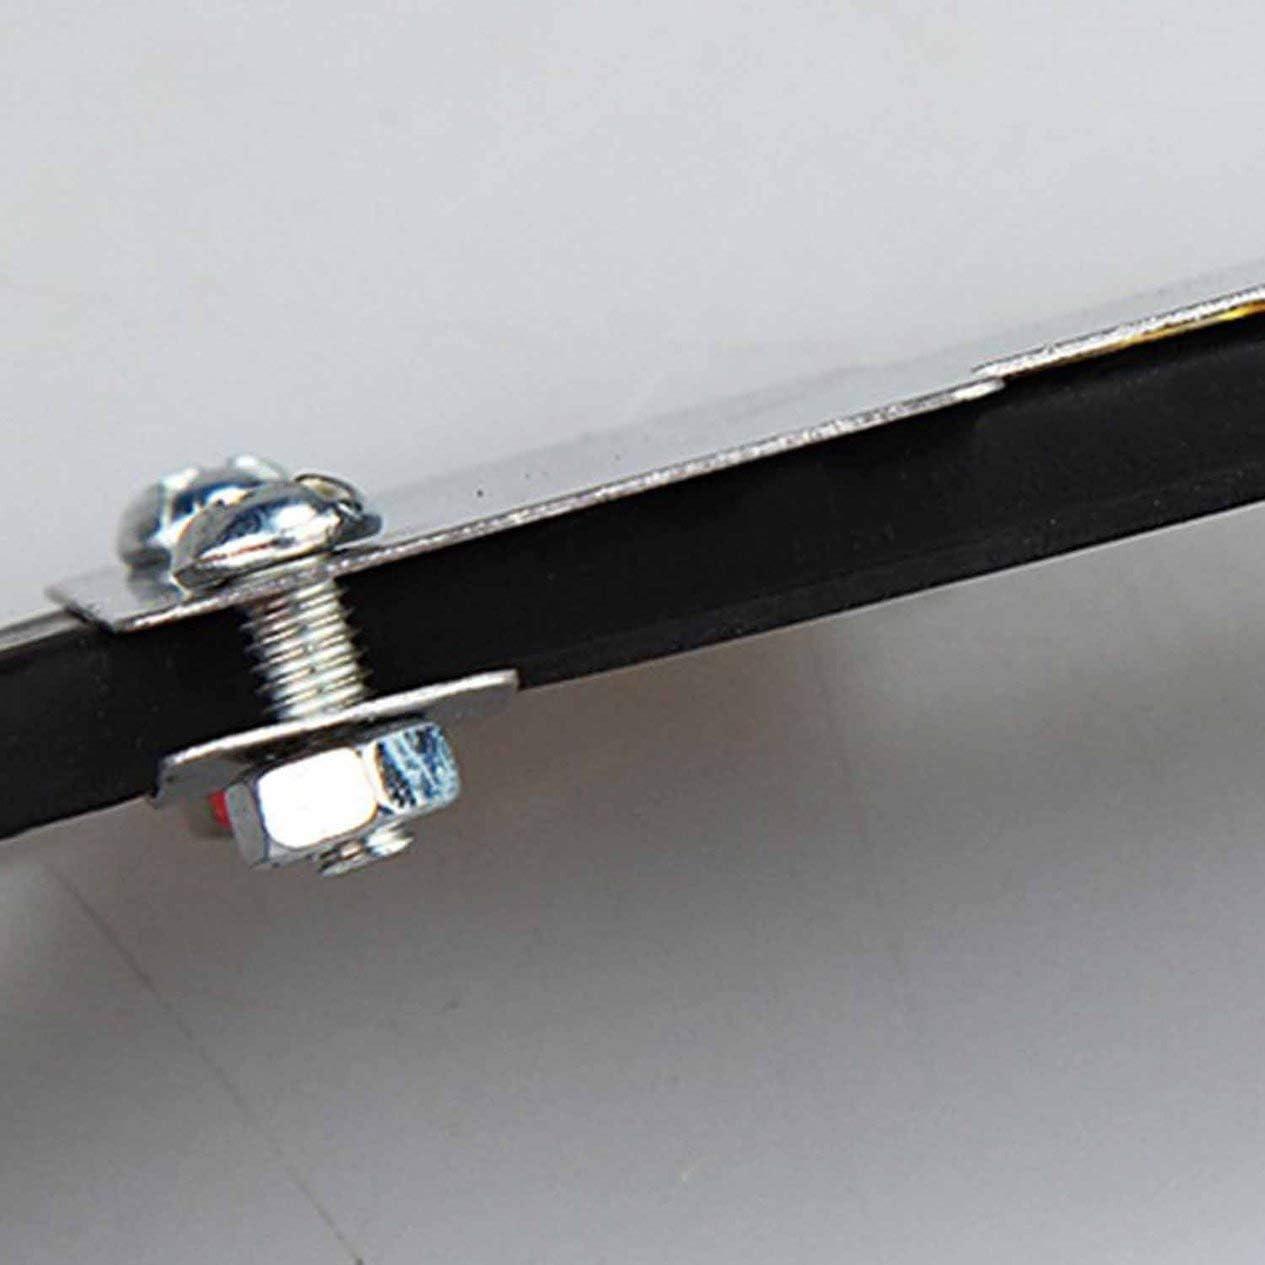 BCVBFGCXVB Cinghia antistatica per Auto Cintura di Terra elettrostatica Cancro Riflettente Evitare Antistatico Cinghia di Messa a Terra per Auto Camion-Nero